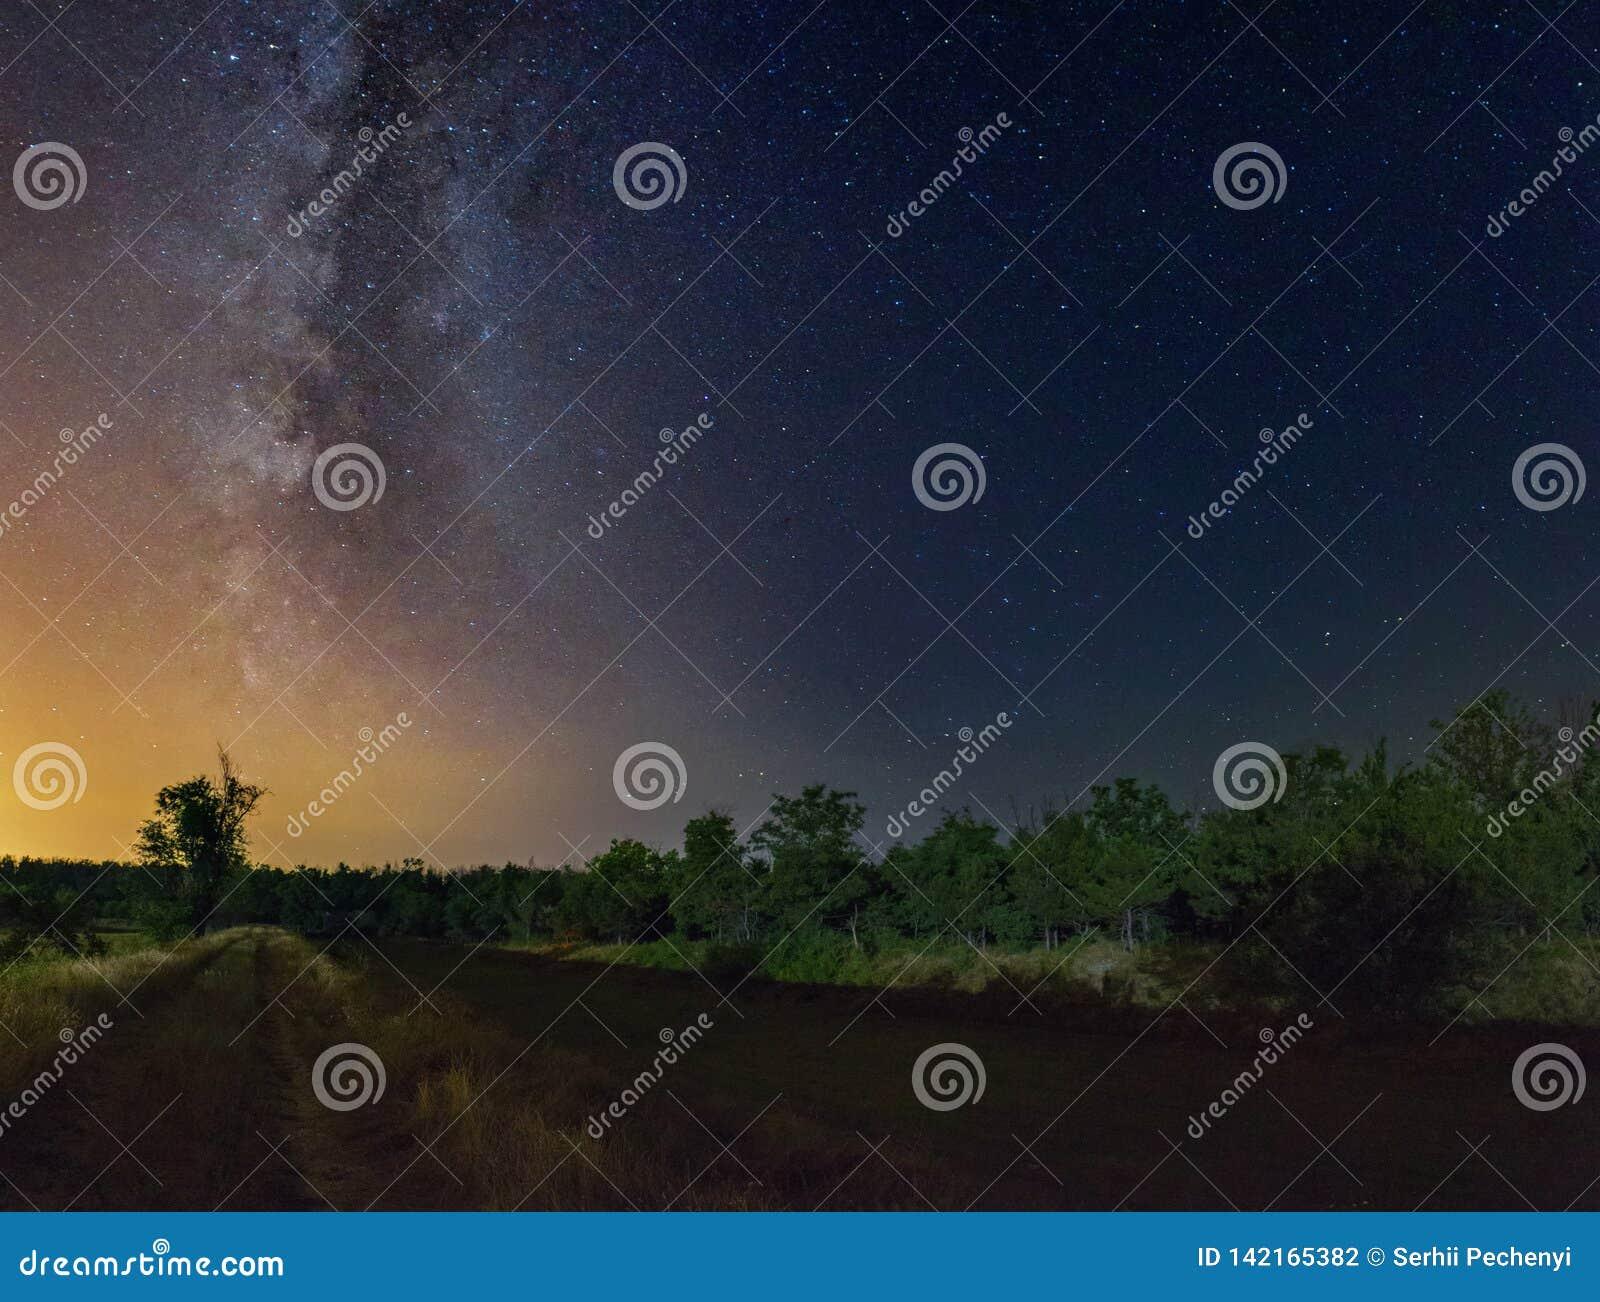 Cielo estrellado con la galaxia de la vía láctea sobre el paisaje rural de la noche de verano